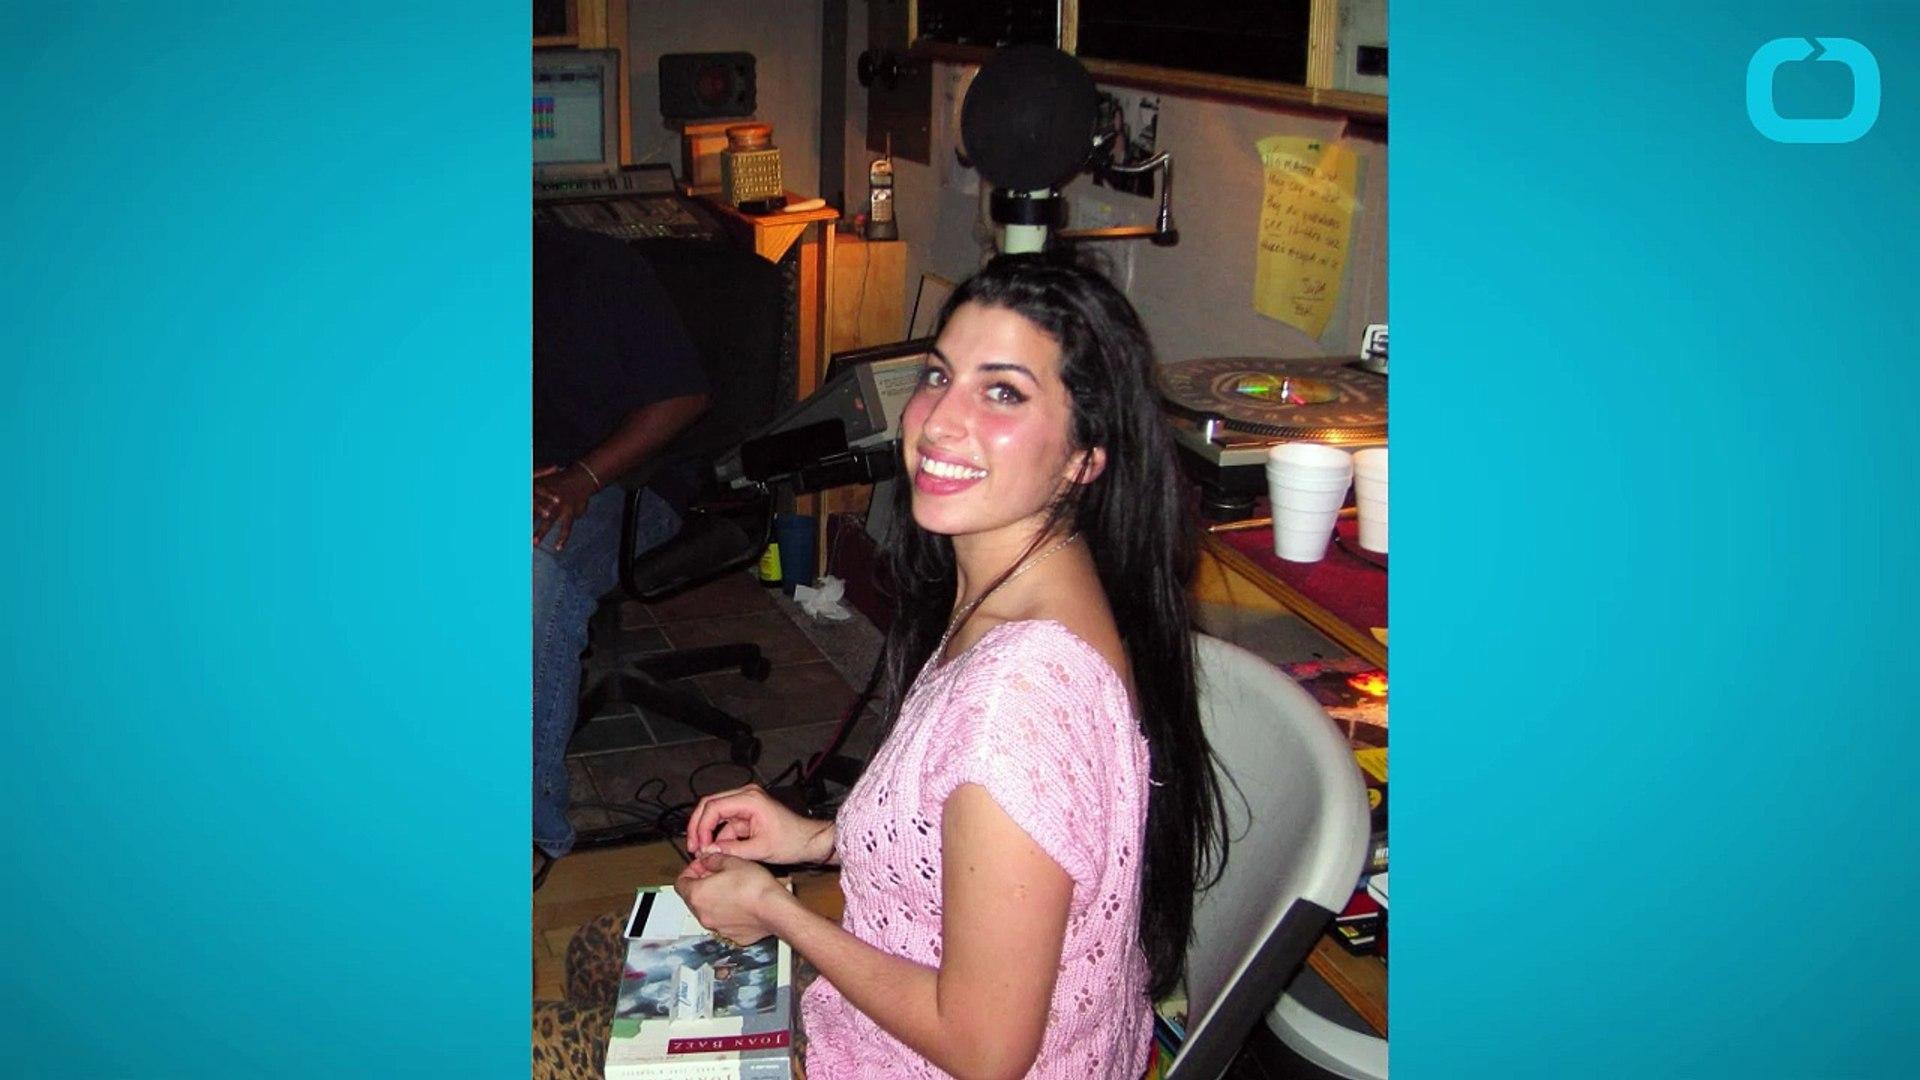 Amy Winehouse Documentary Sheds Light On Drug Addiction